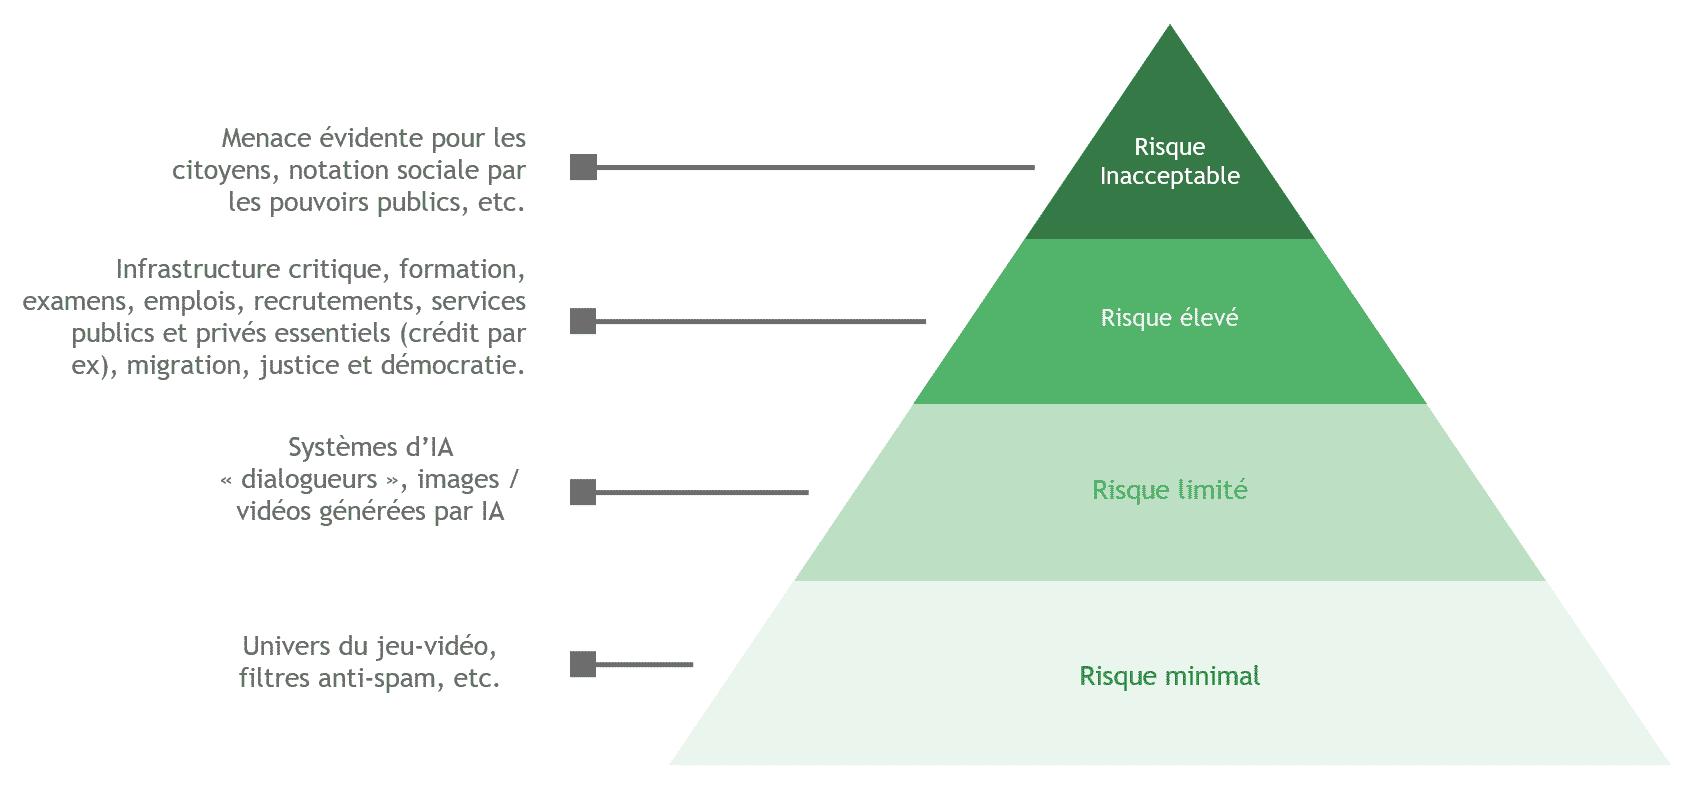 Pyramide des risques des systèmes d'IA